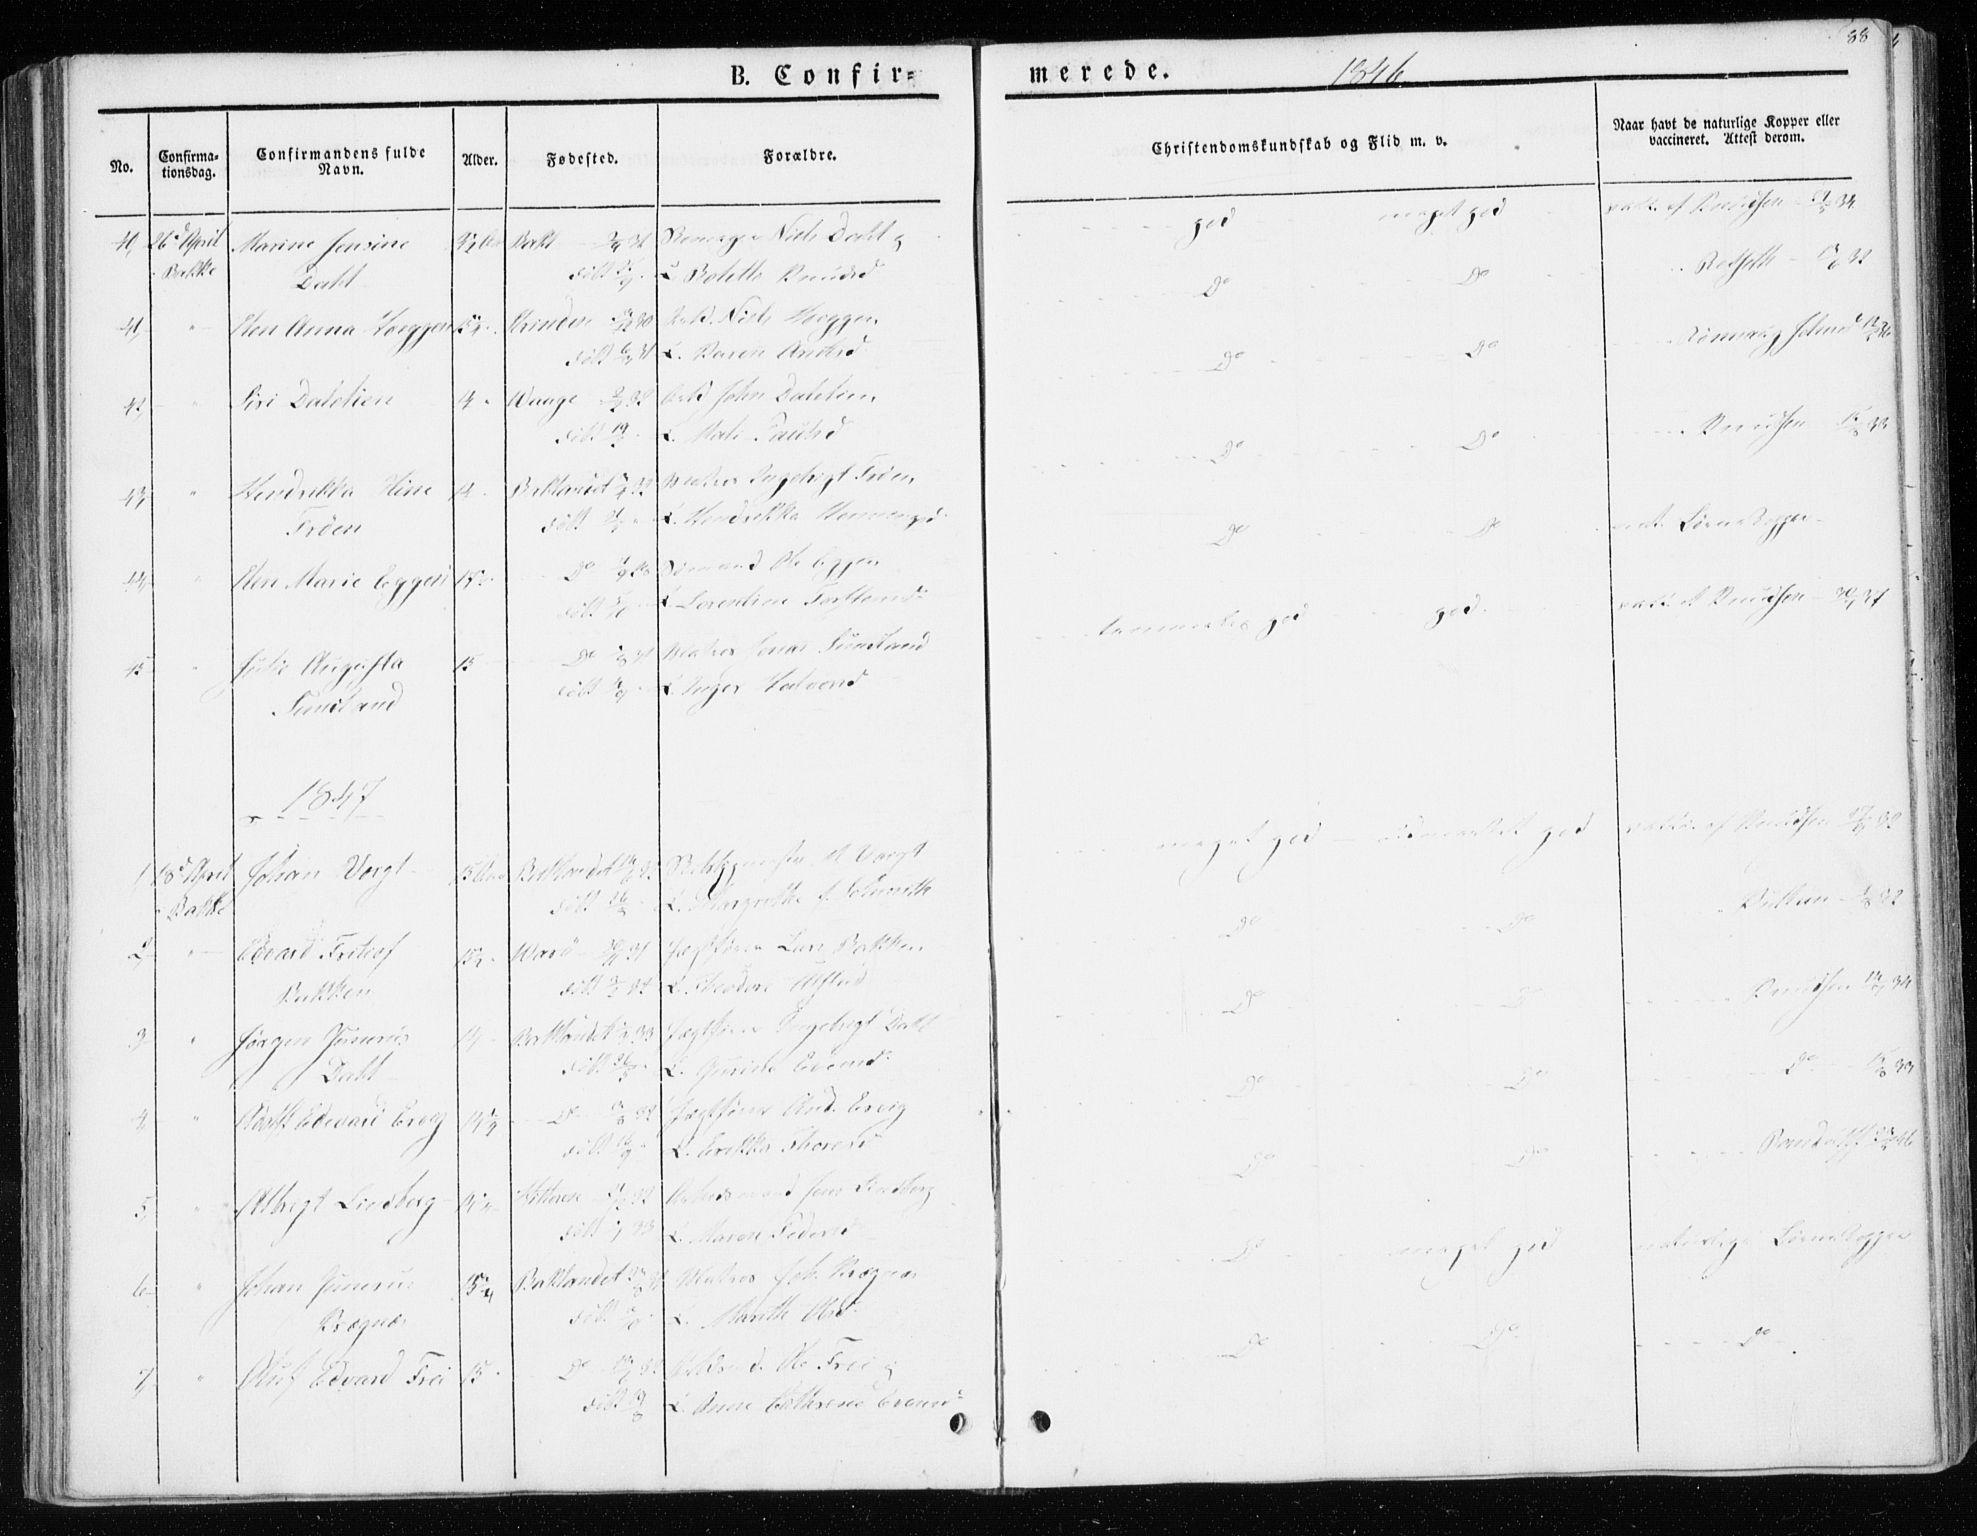 SAT, Ministerialprotokoller, klokkerbøker og fødselsregistre - Sør-Trøndelag, 604/L0183: Ministerialbok nr. 604A04, 1841-1850, s. 88